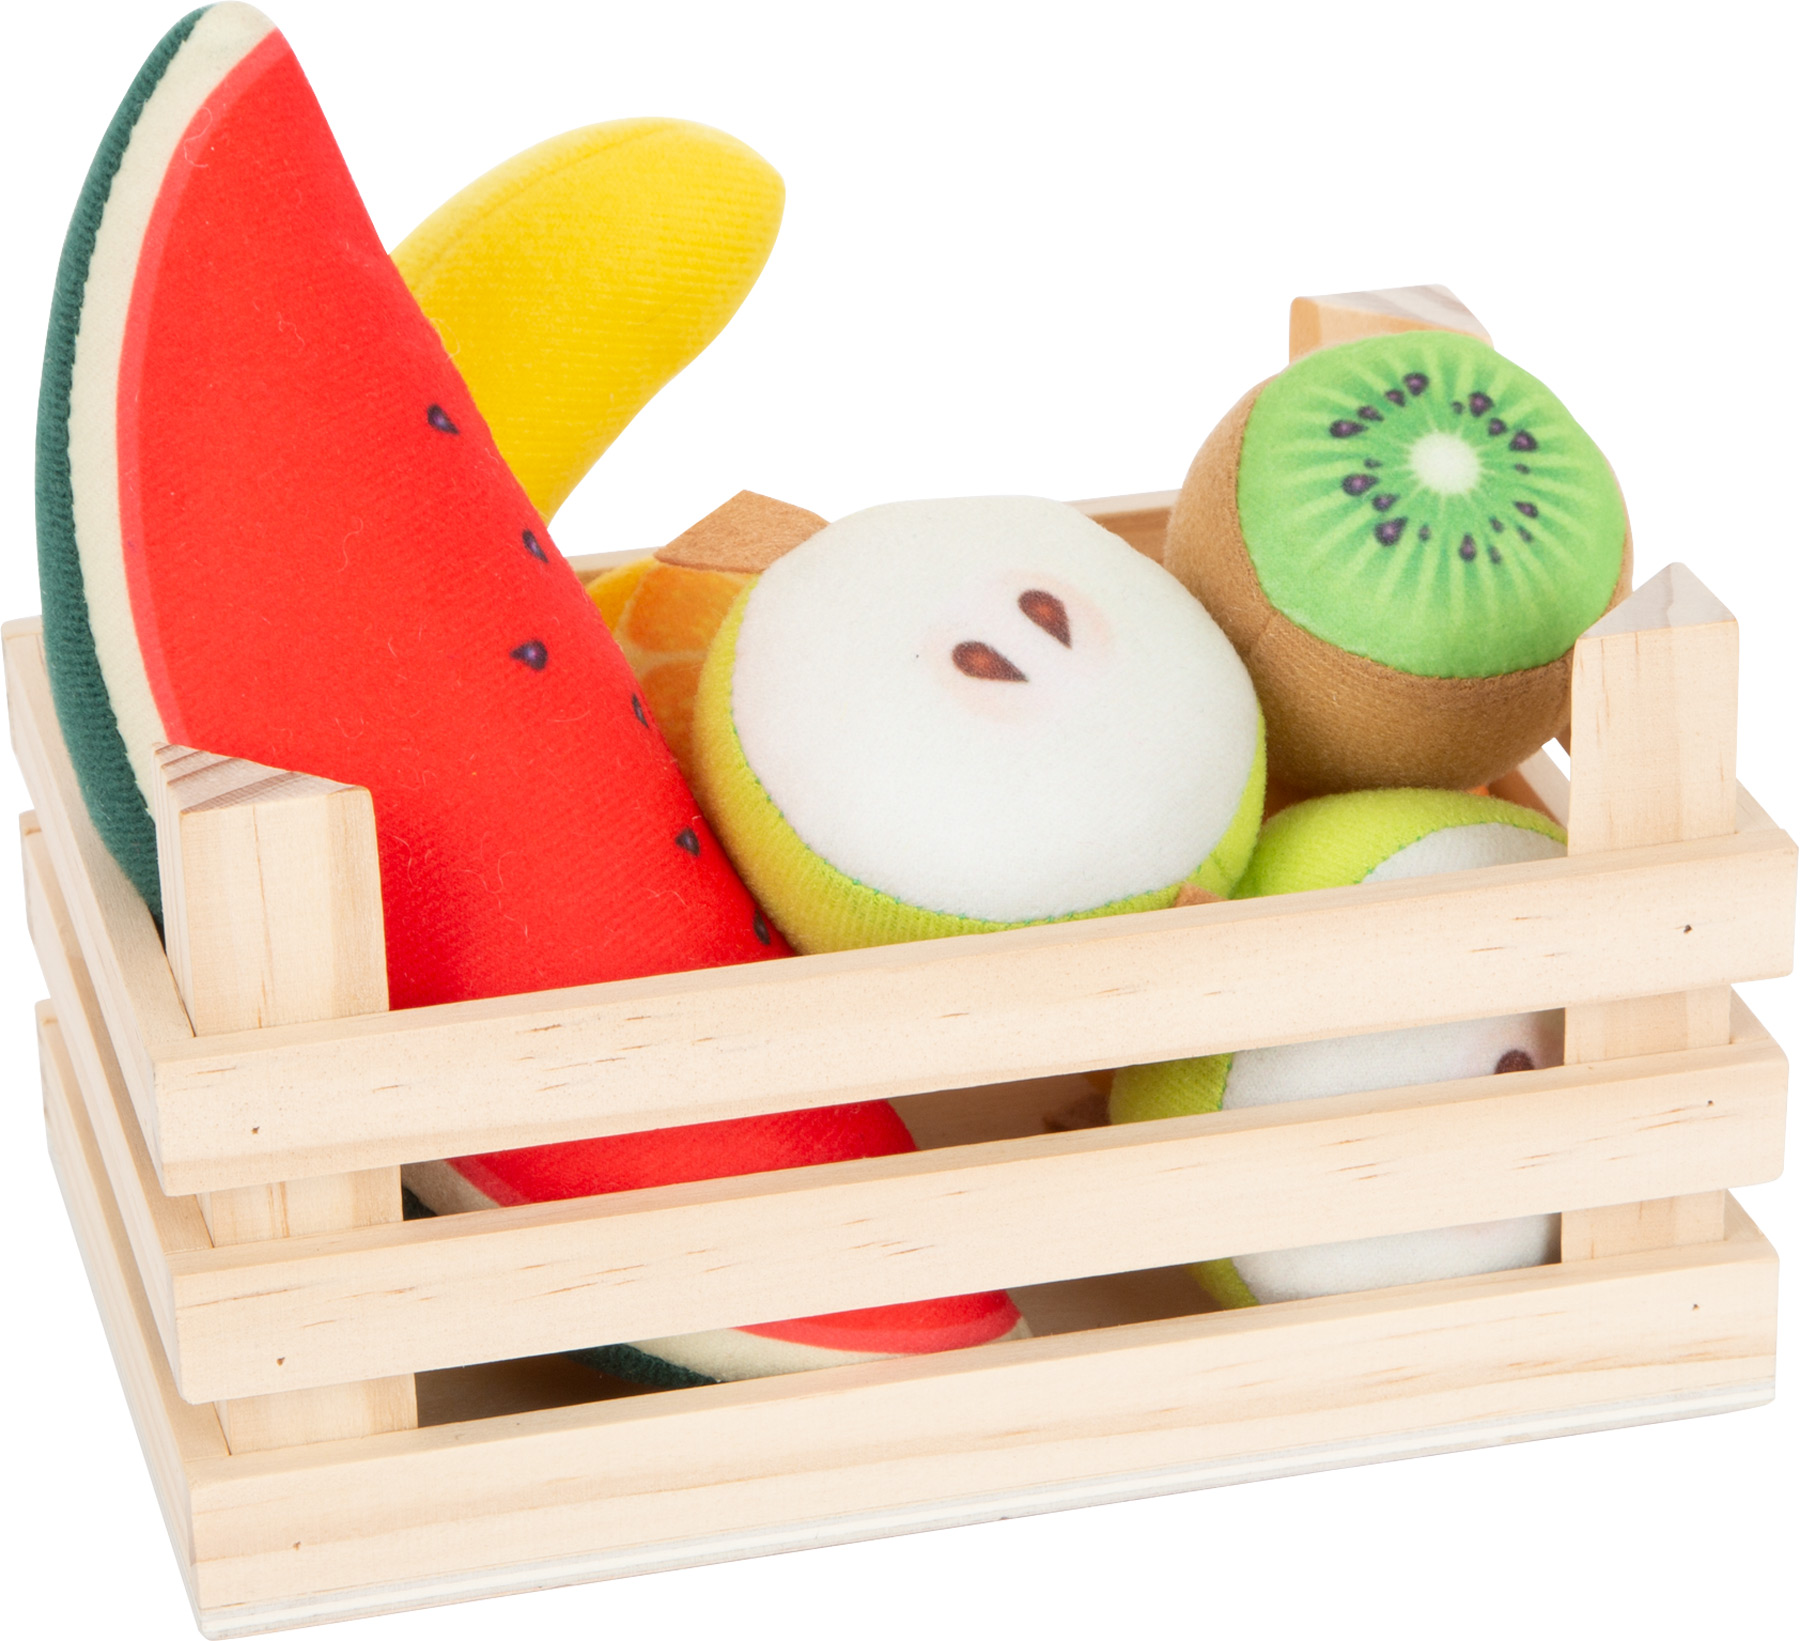 Frutti di stoffa con cassetta